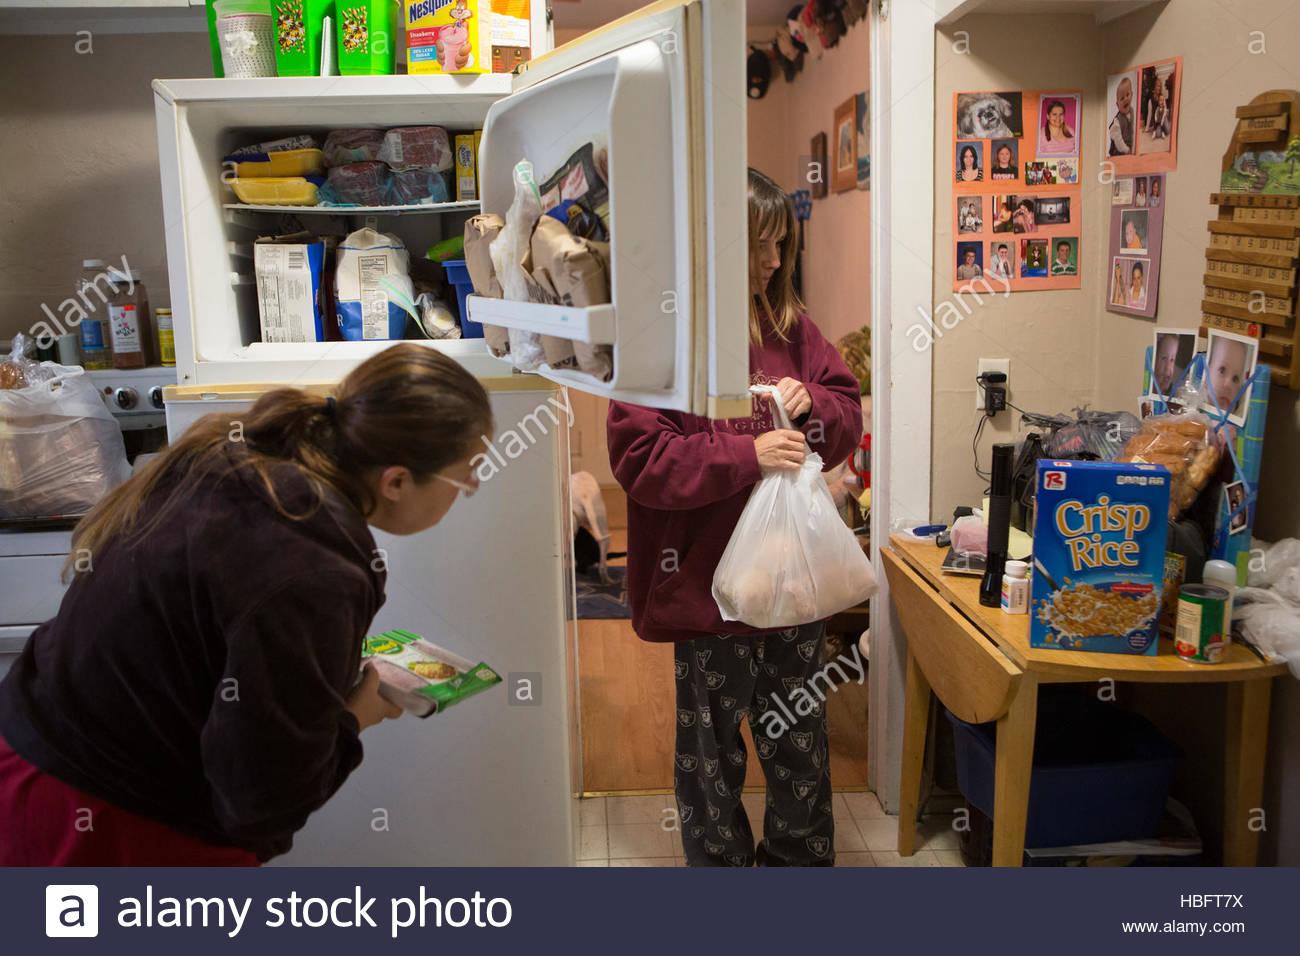 Déballez les femmes qu'ils ont reçu de la nourriture, du fleuve Jourdain Food Pantry. Photo Stock